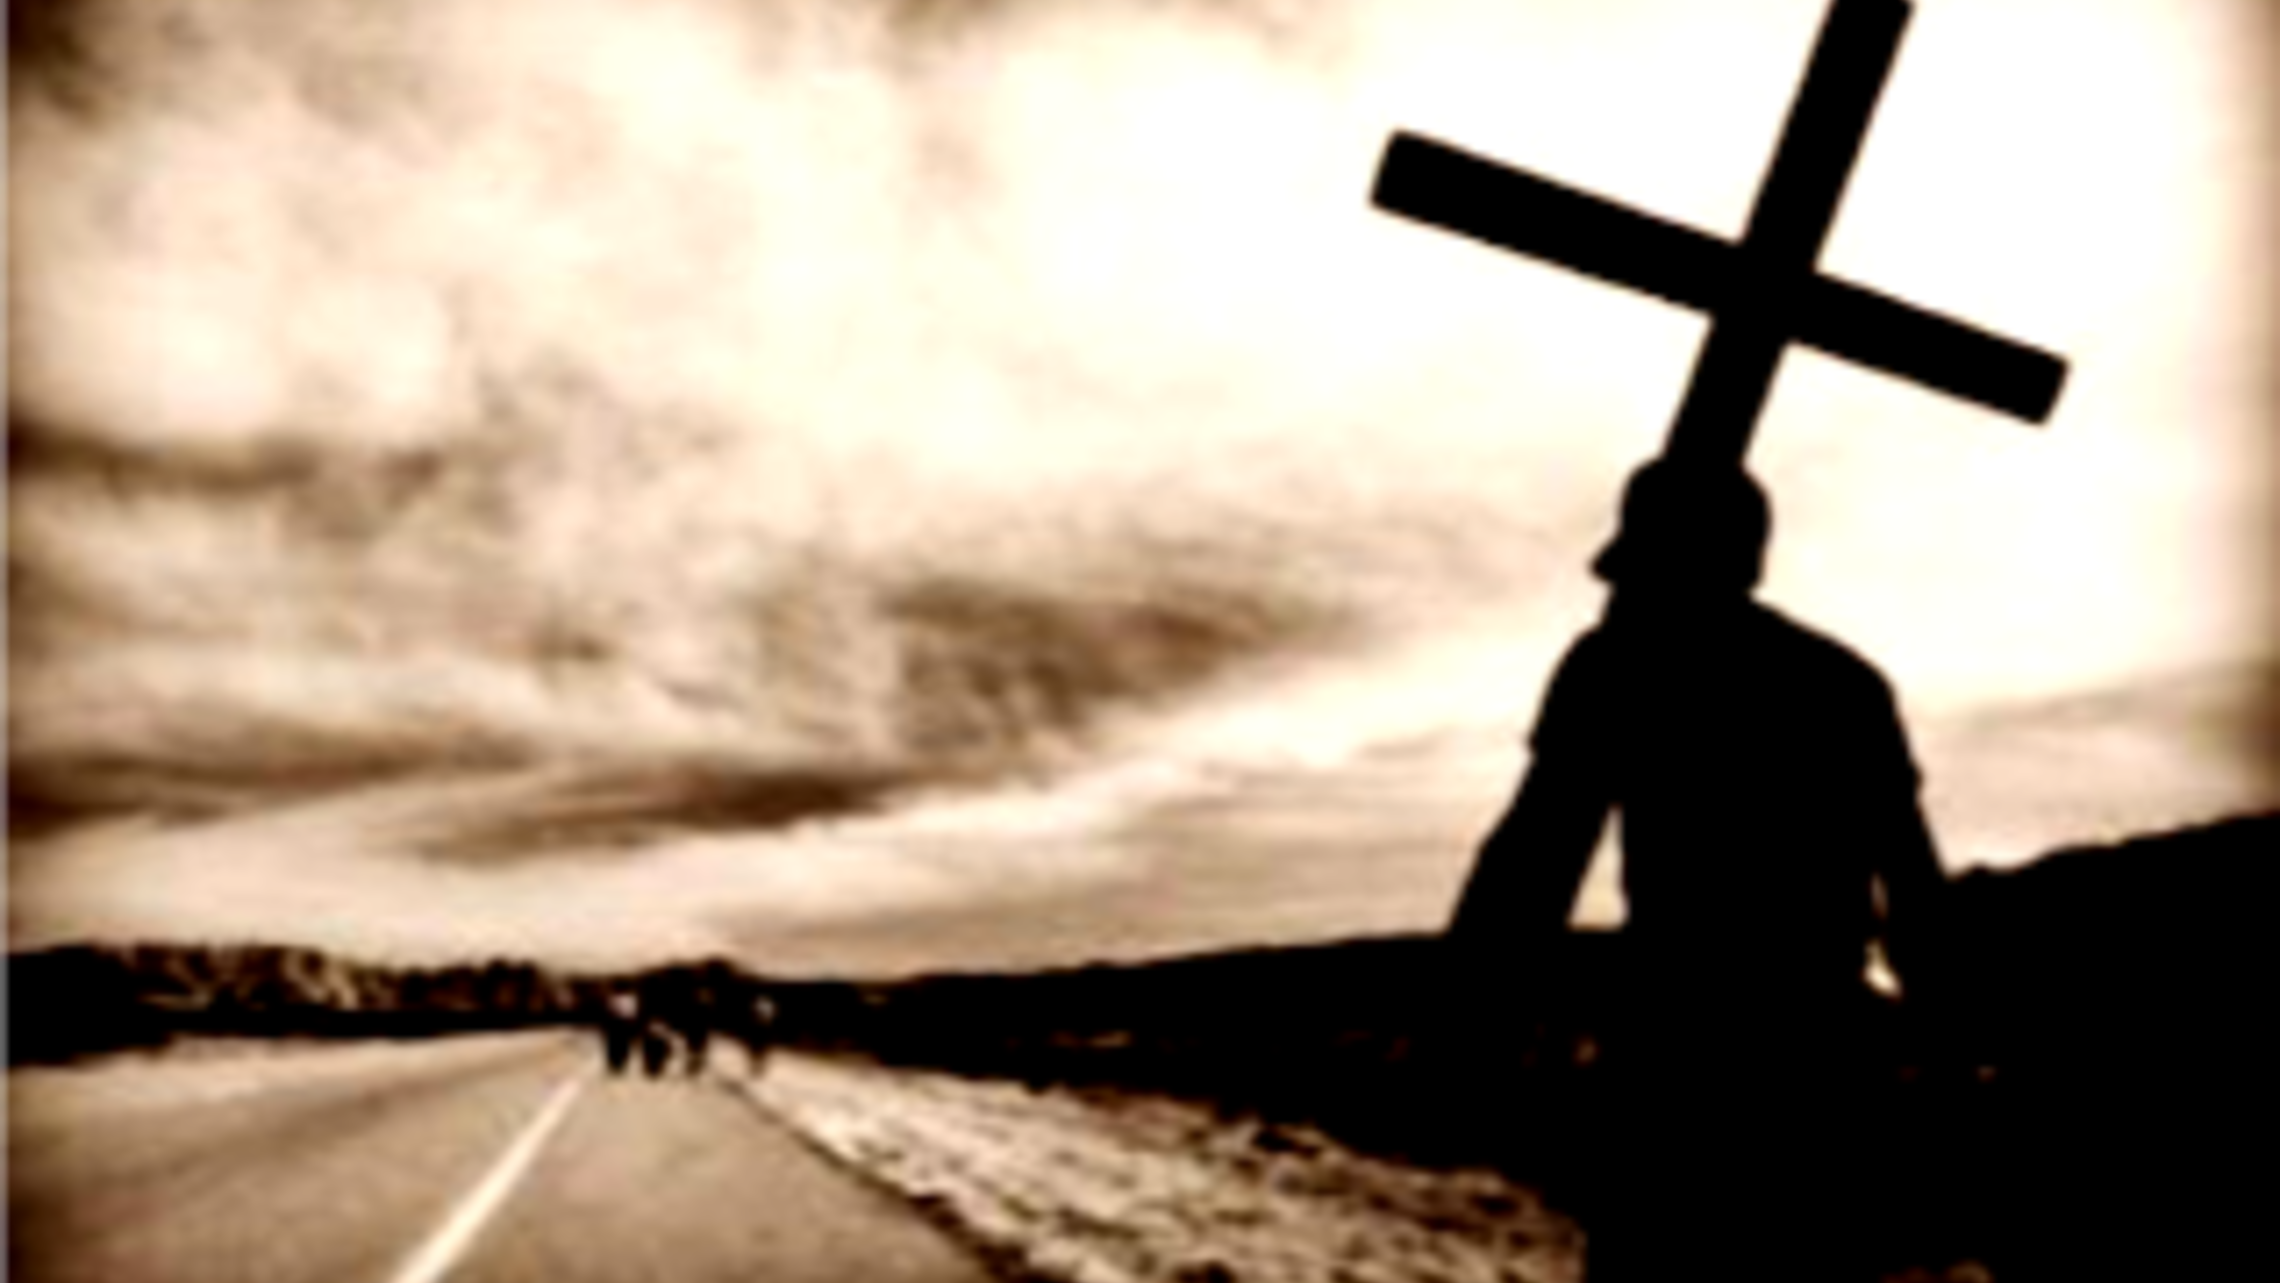 Everyday Crosses